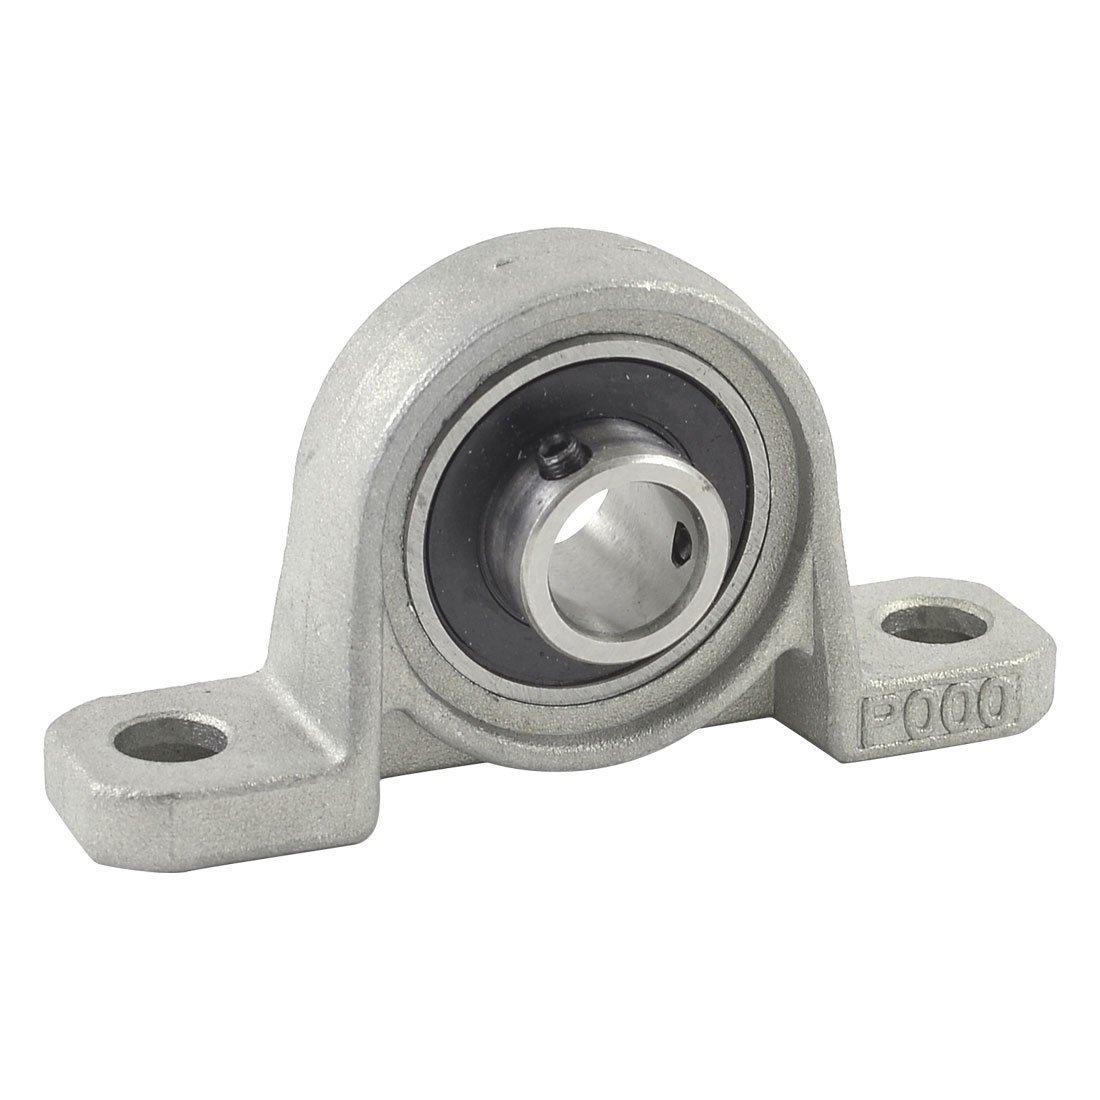 10mm de diamètre intérieur en acier inoxydable automatique Oreiller Bloc Roulement à billes